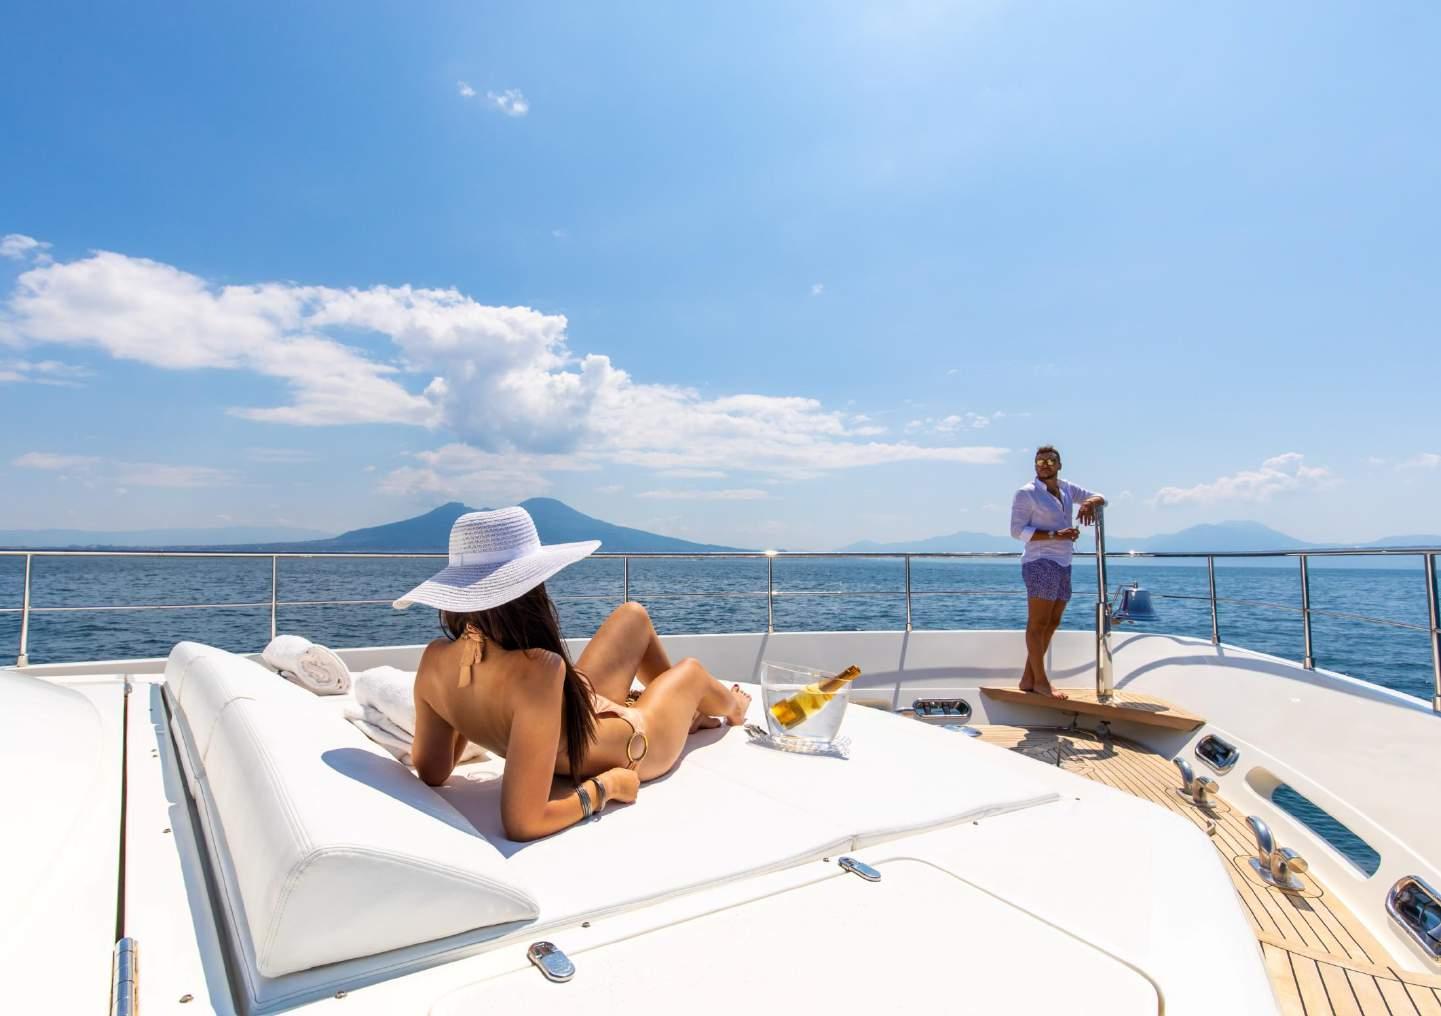 Penelope Motor Yacht Amalfi Coast